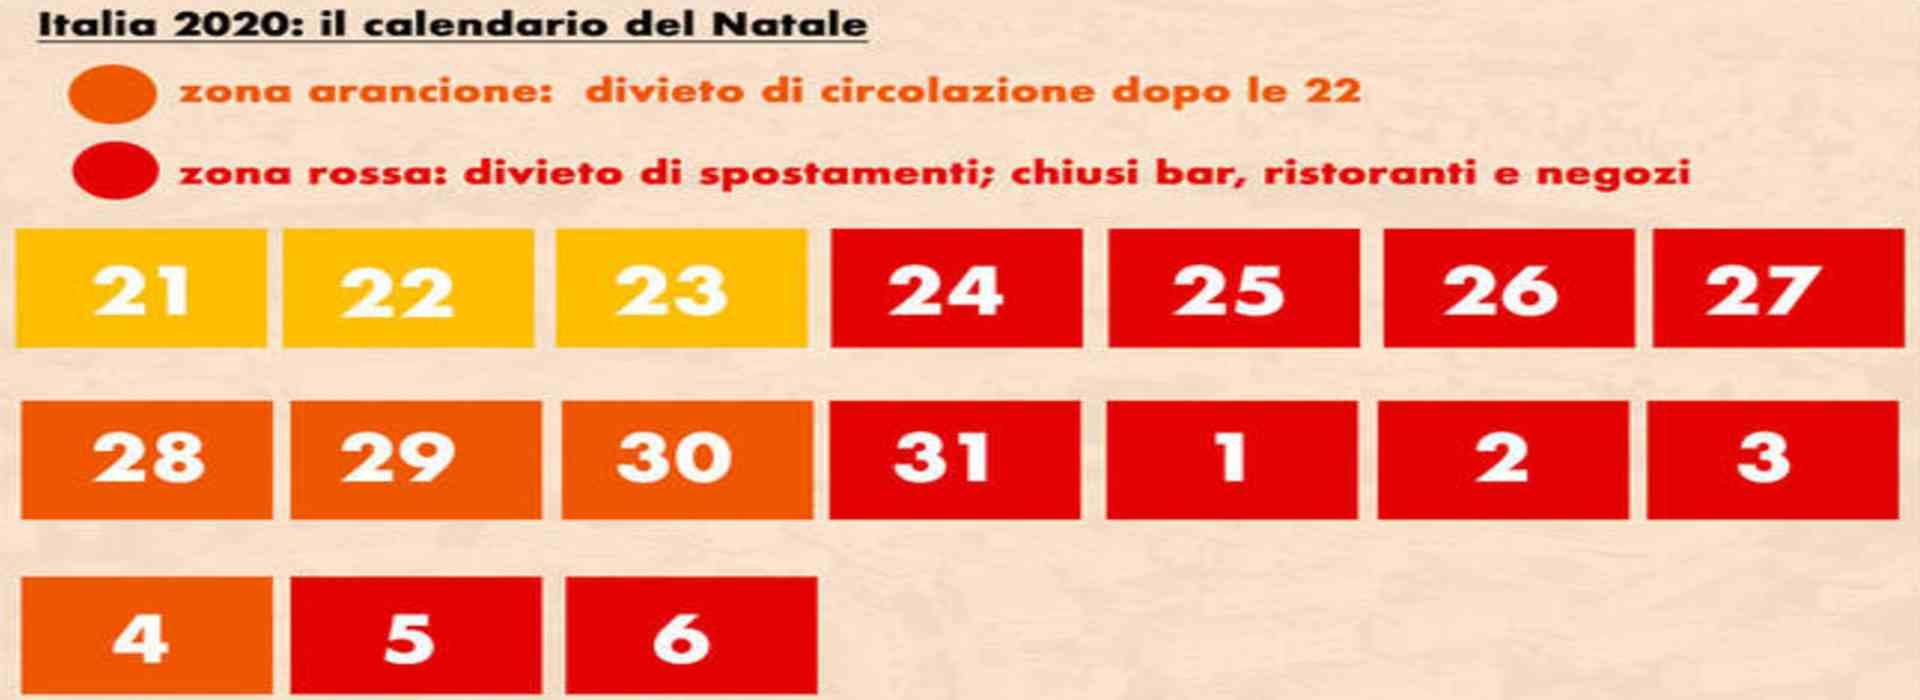 Italia in zona rossa: tutto quello che si può fare nelle festività